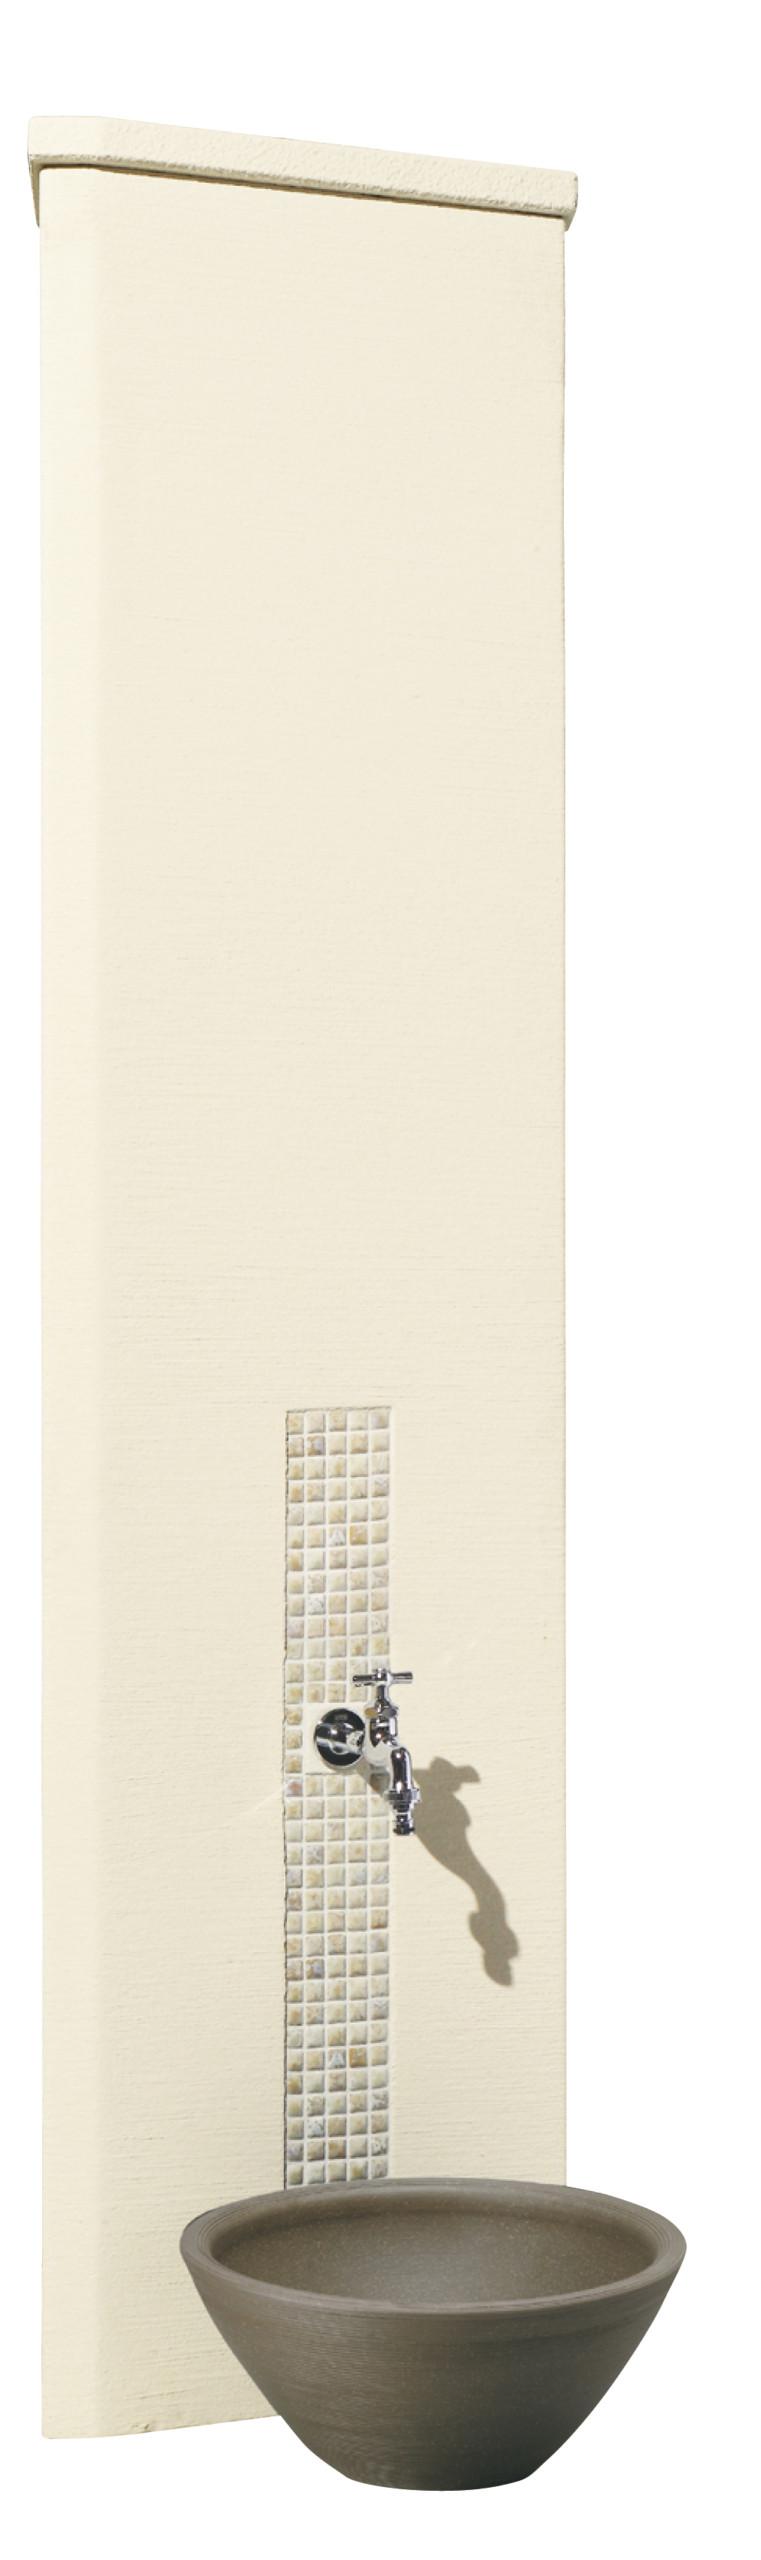 ファミアージュフォンテ2400×1700アイボリー組み合わせ例2